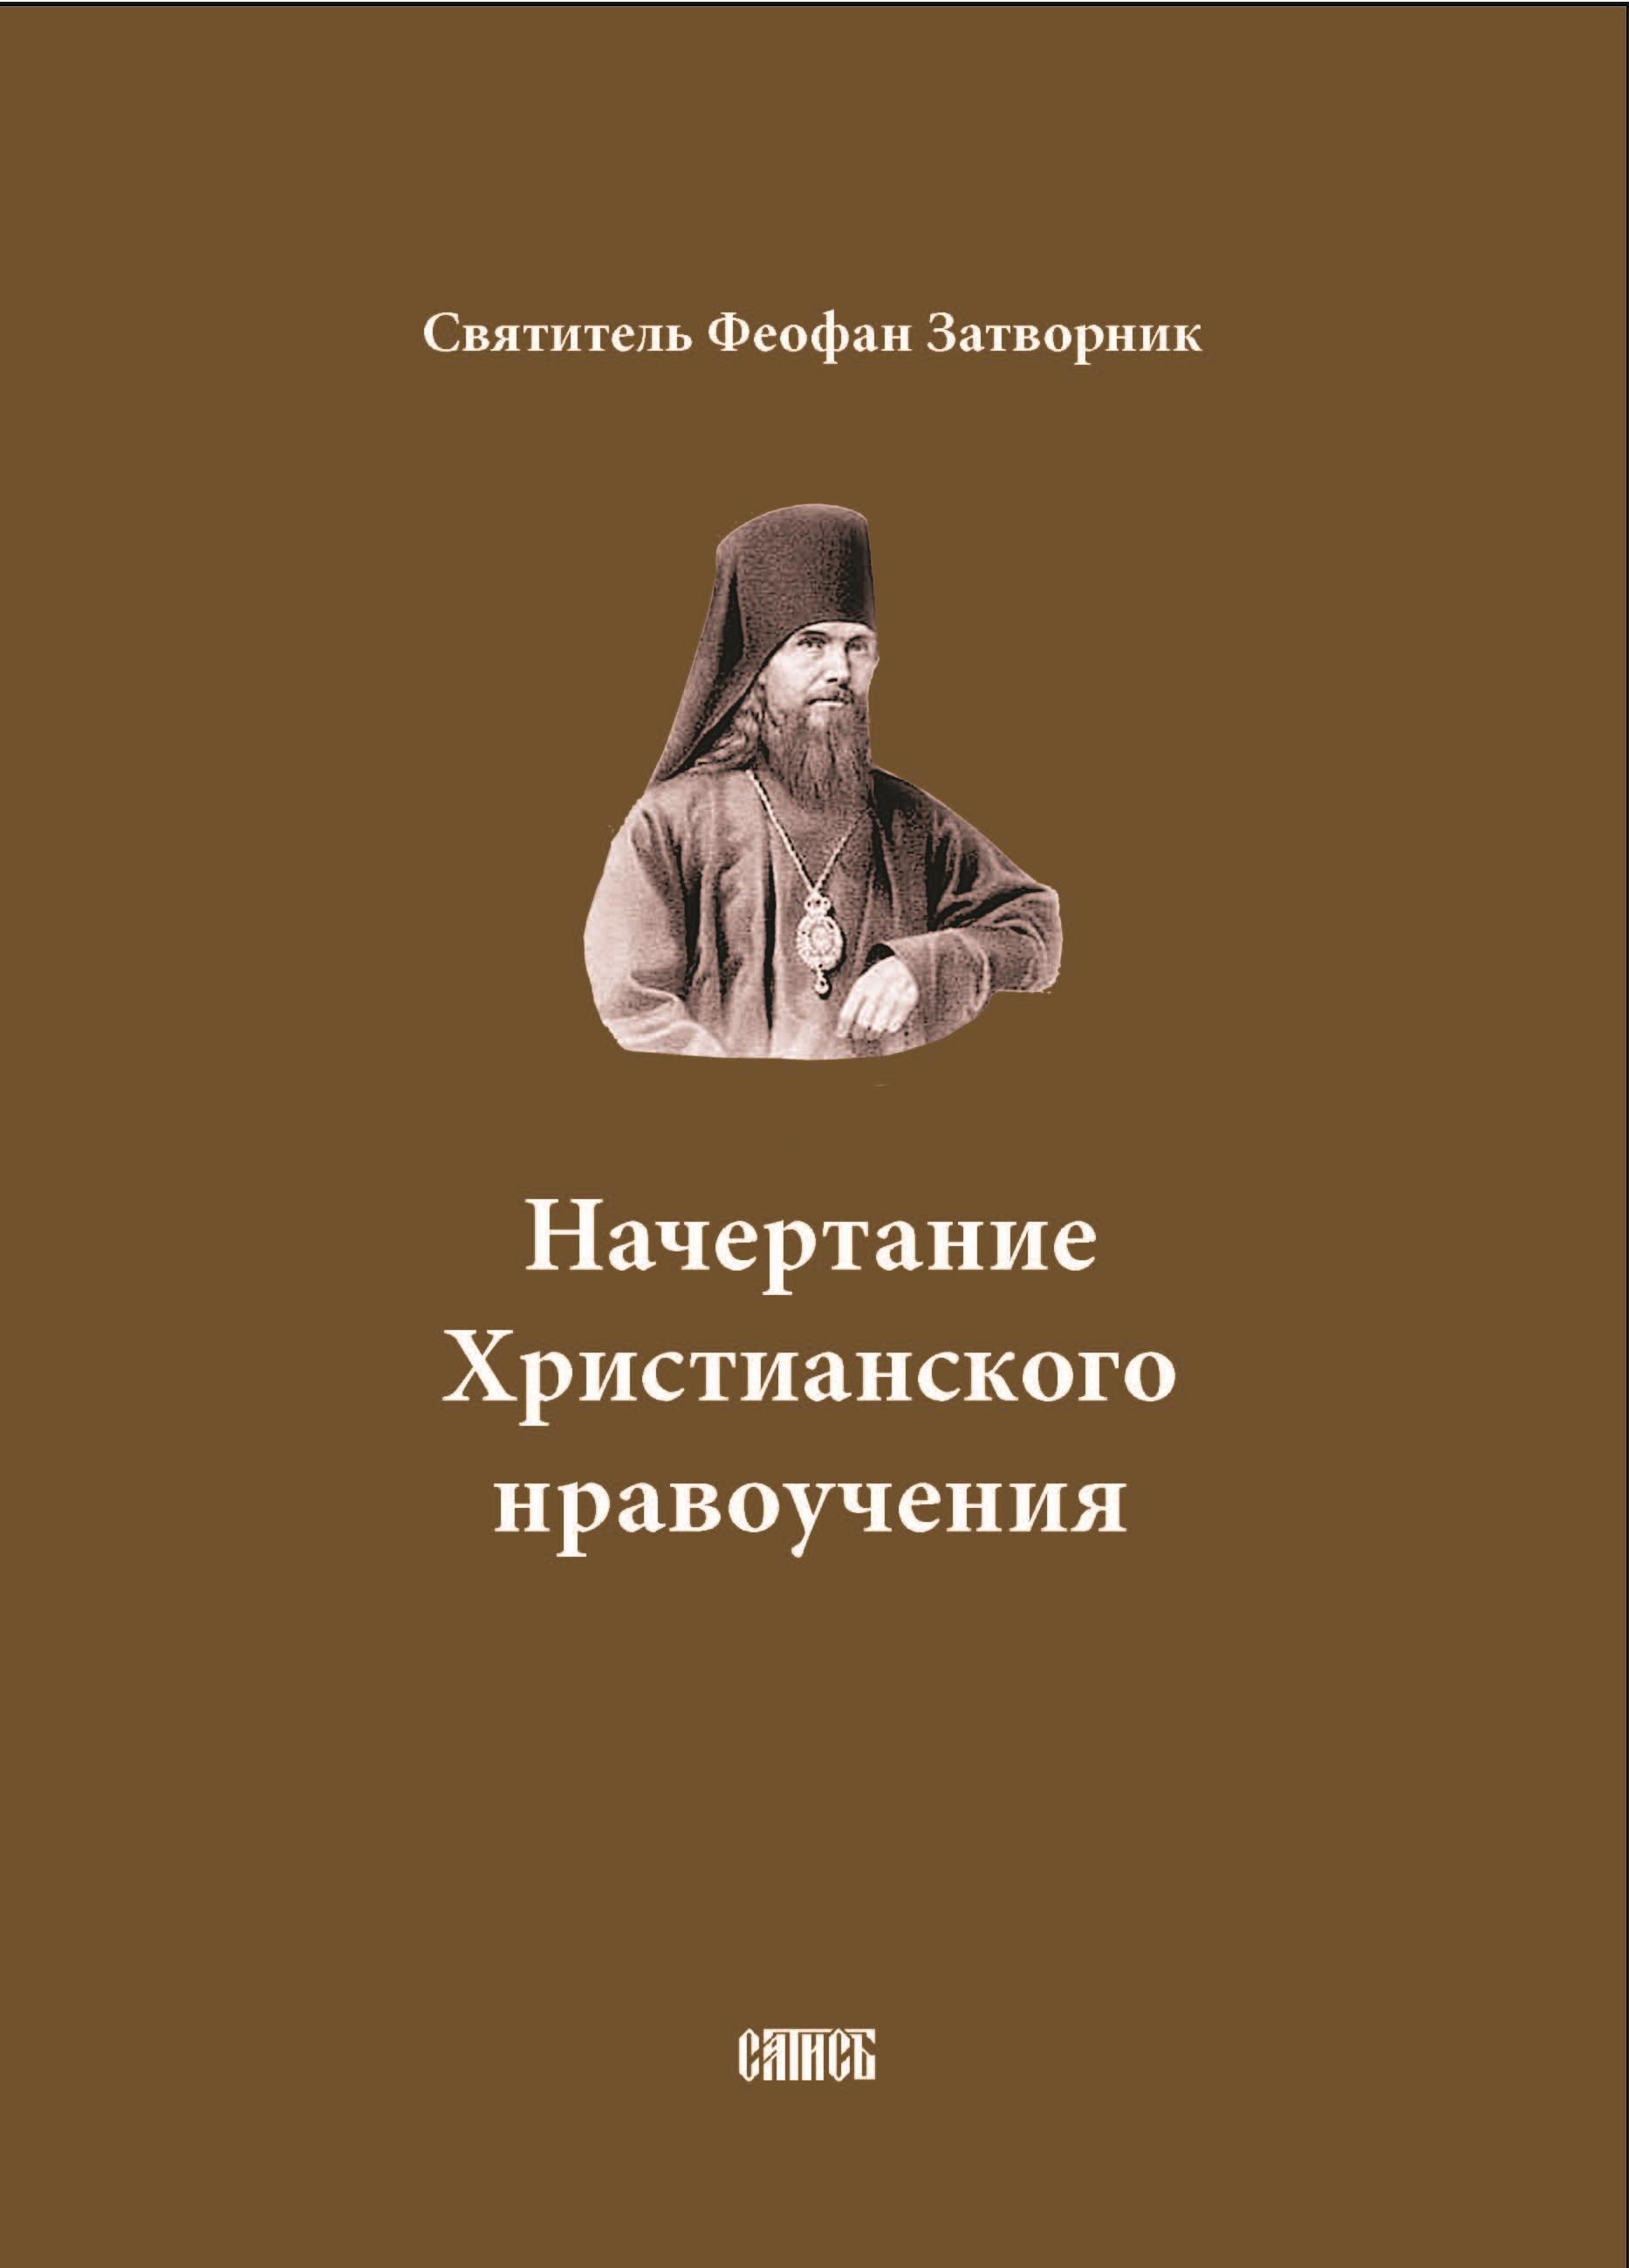 nachertanie khristianskogo nravoucheniya